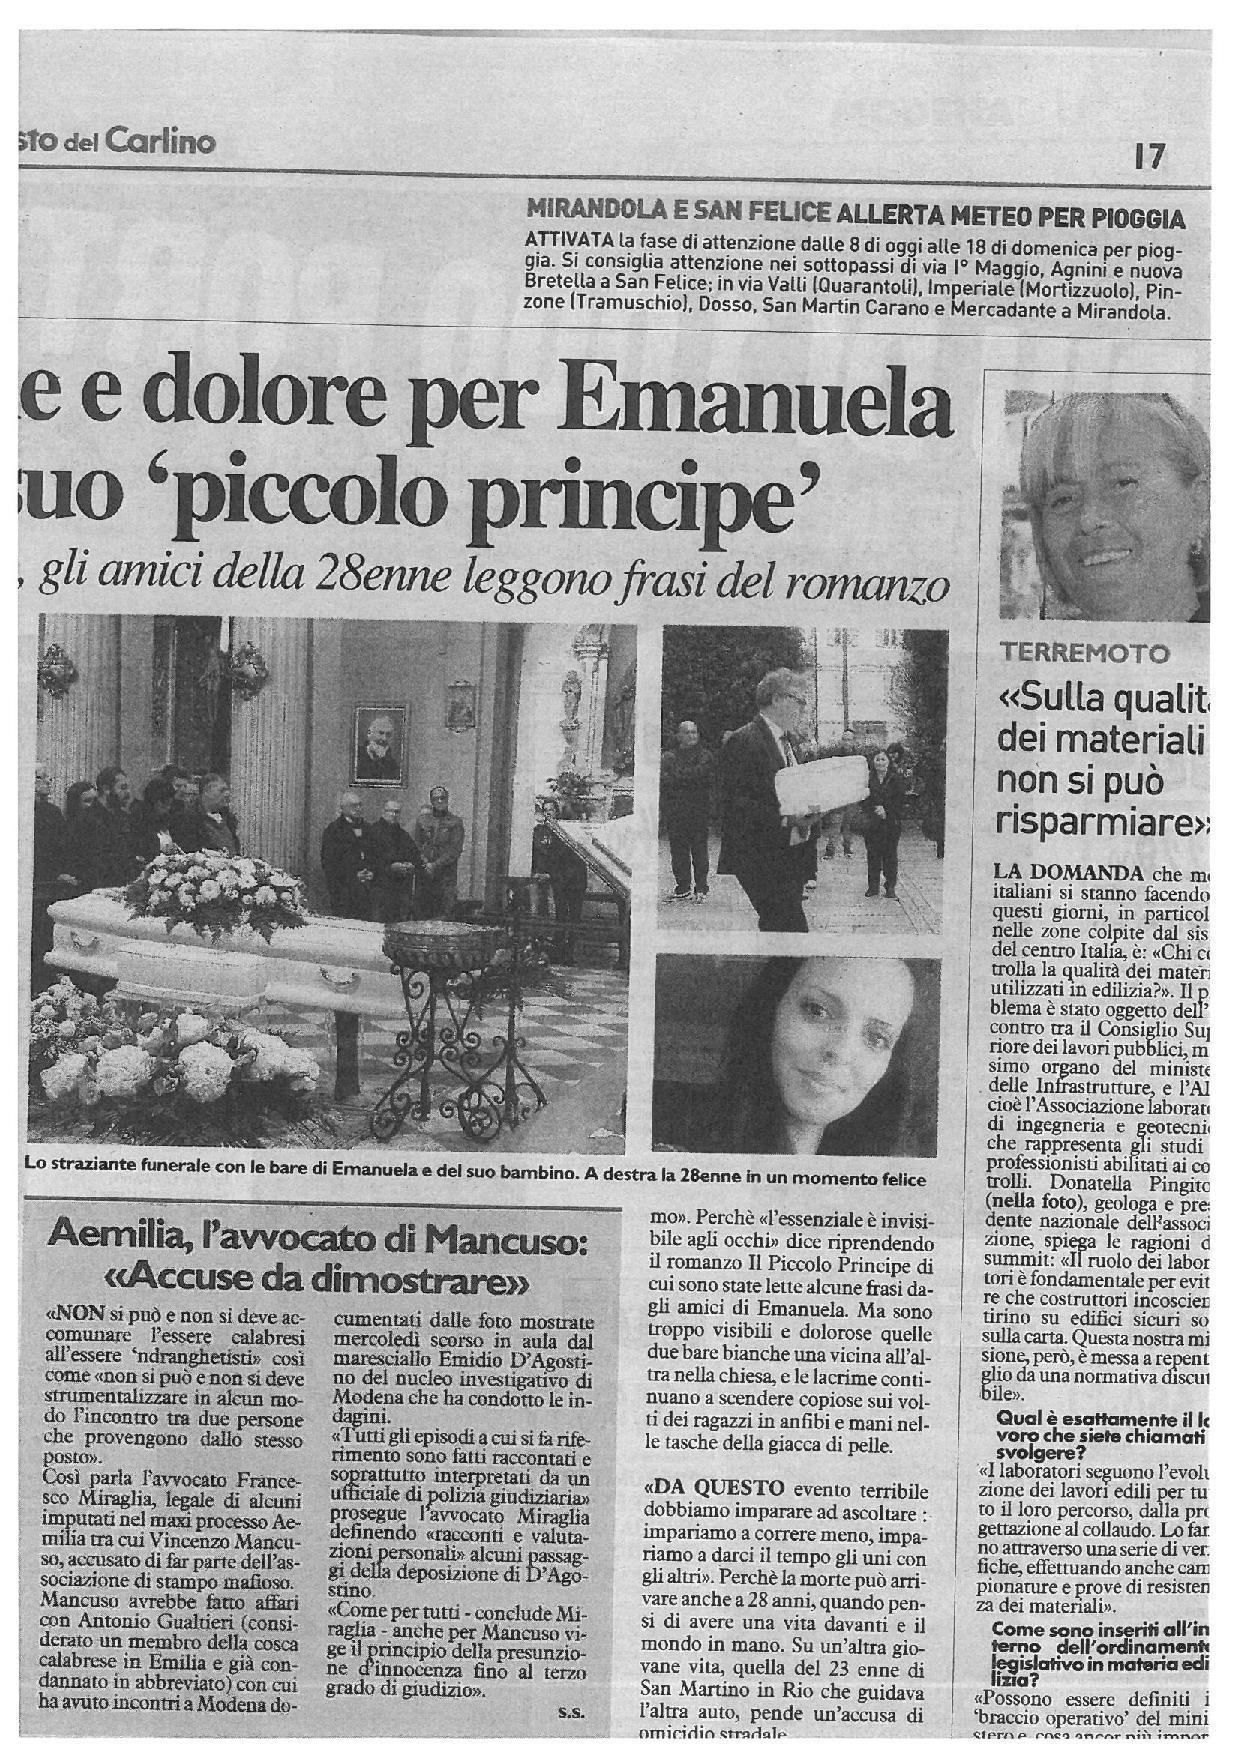 """Processo Aemilia: fatture false e 'Summit' con la cosca: l'imprenditore in affari col boss""""."""